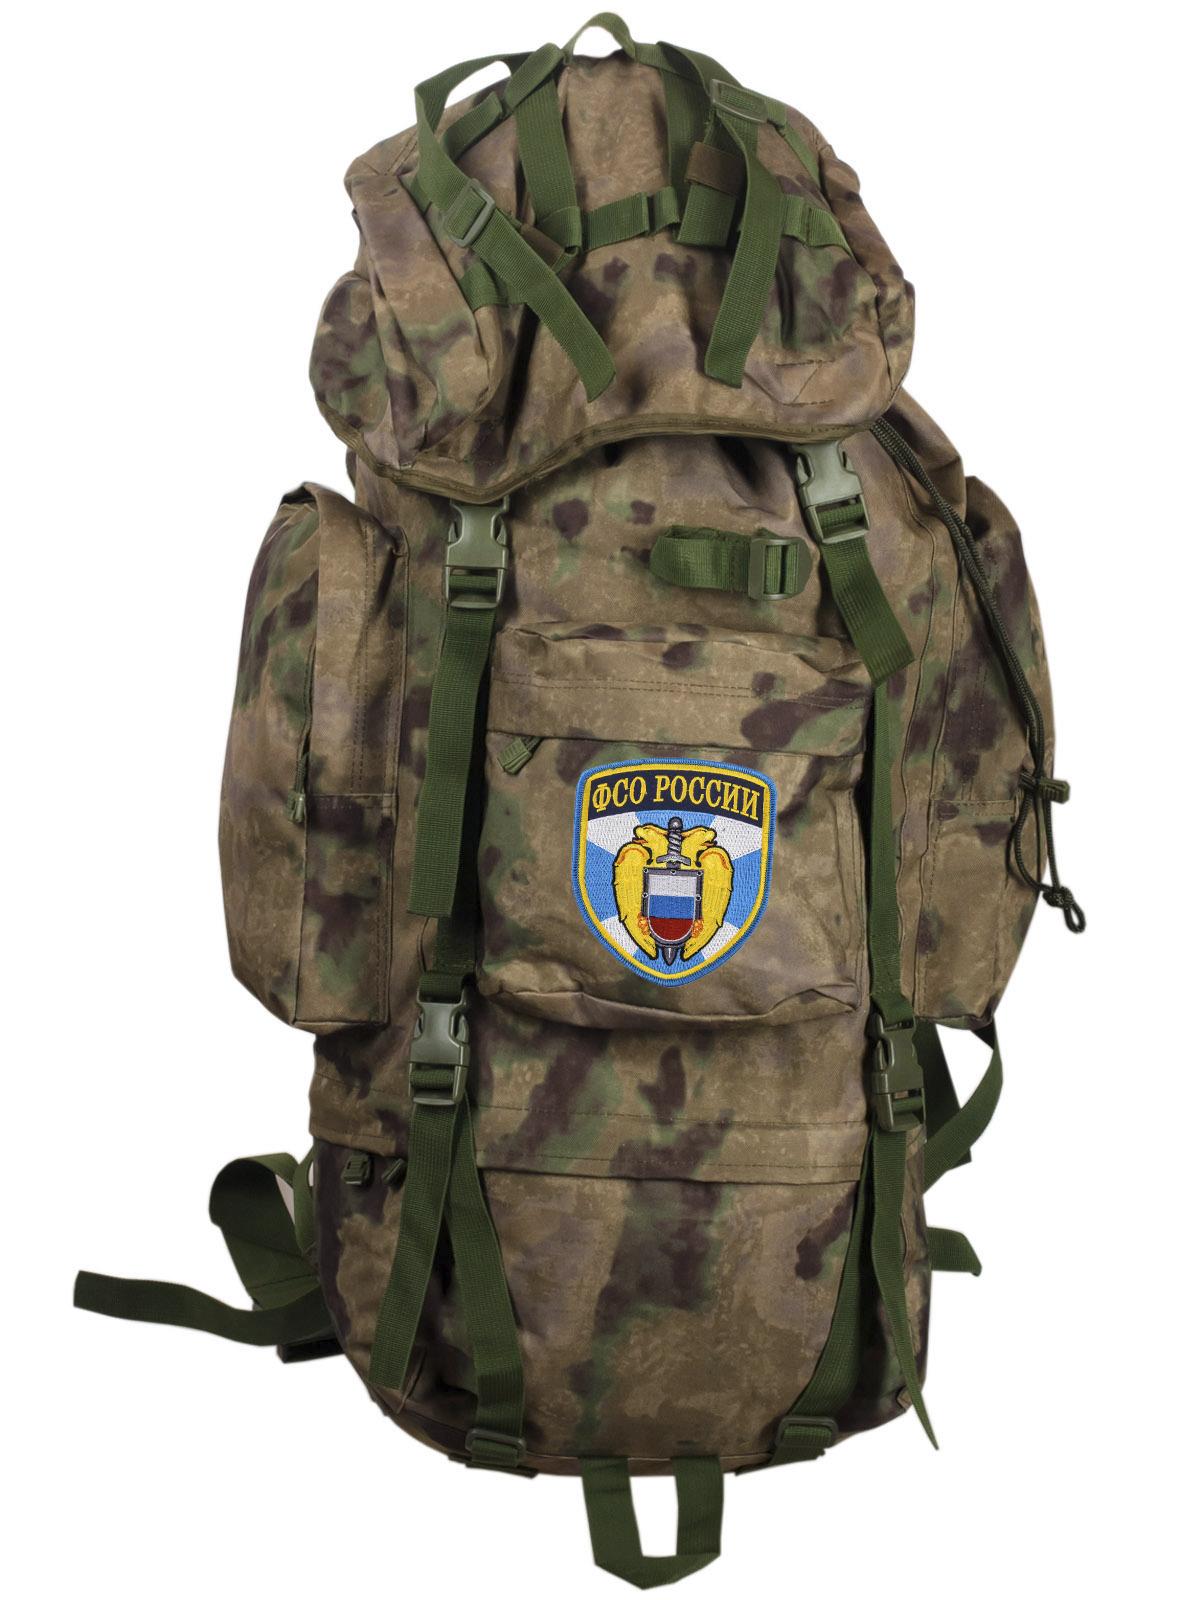 Армейский камуфляжный ранец-рюкзак ФСО России - заказать выгодно